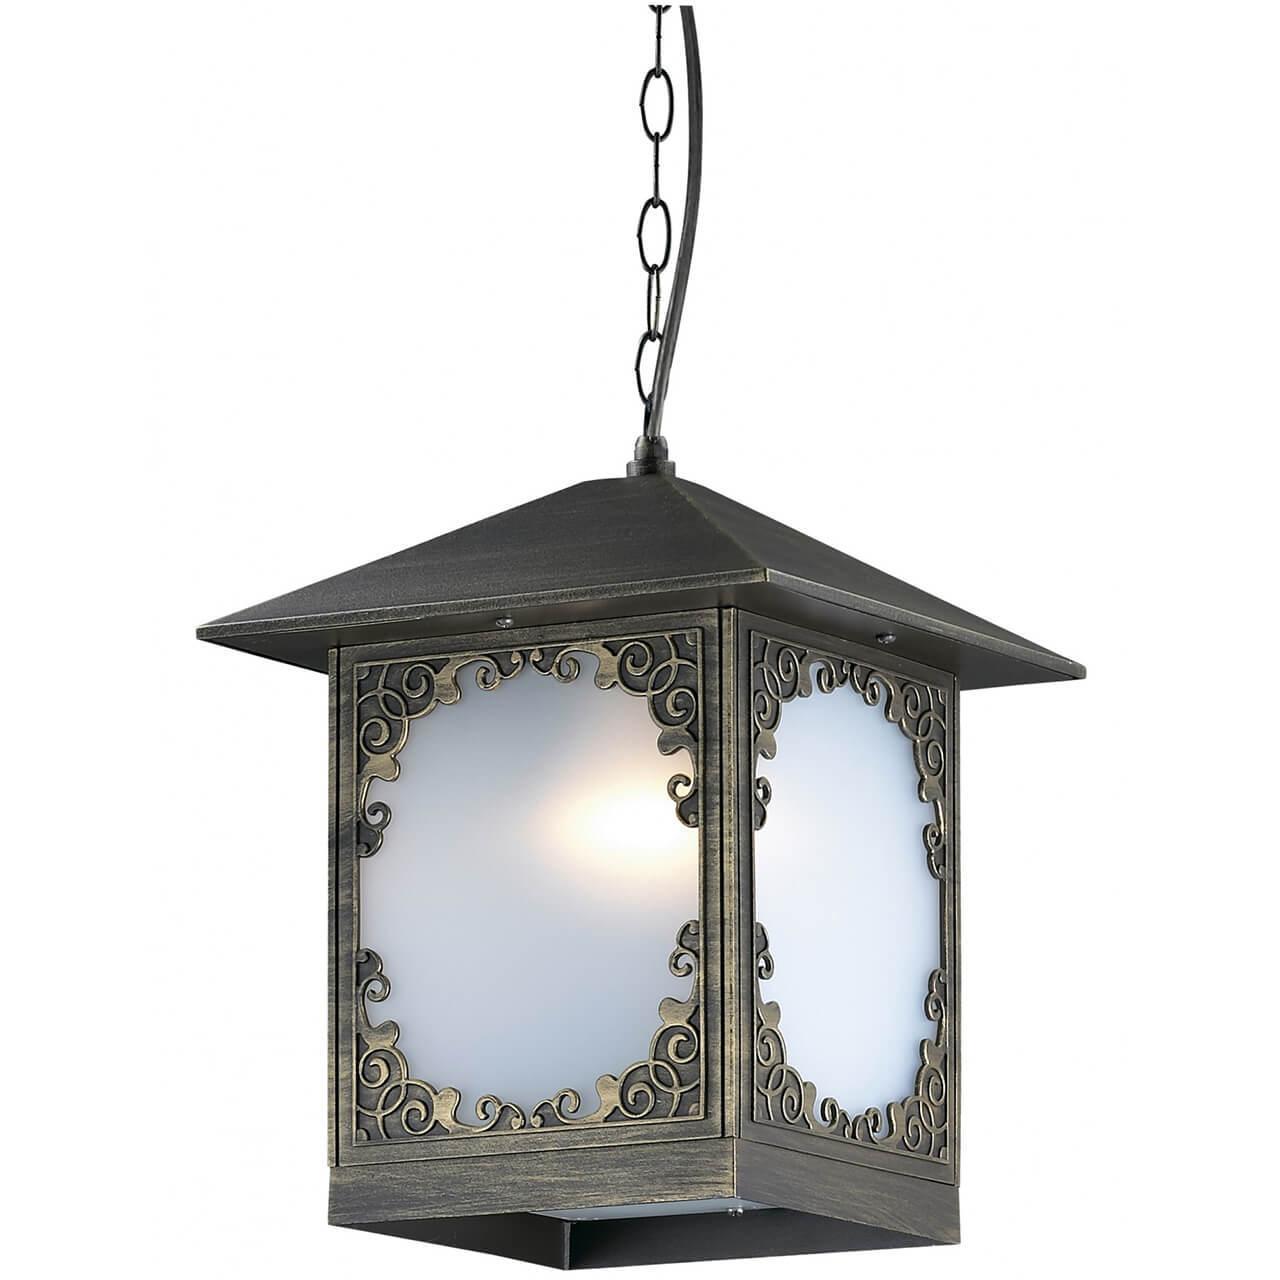 Уличный подвесной светильник Odeon Light Visma 2747/1 подвесной светильник odeon light visma 2747 1c